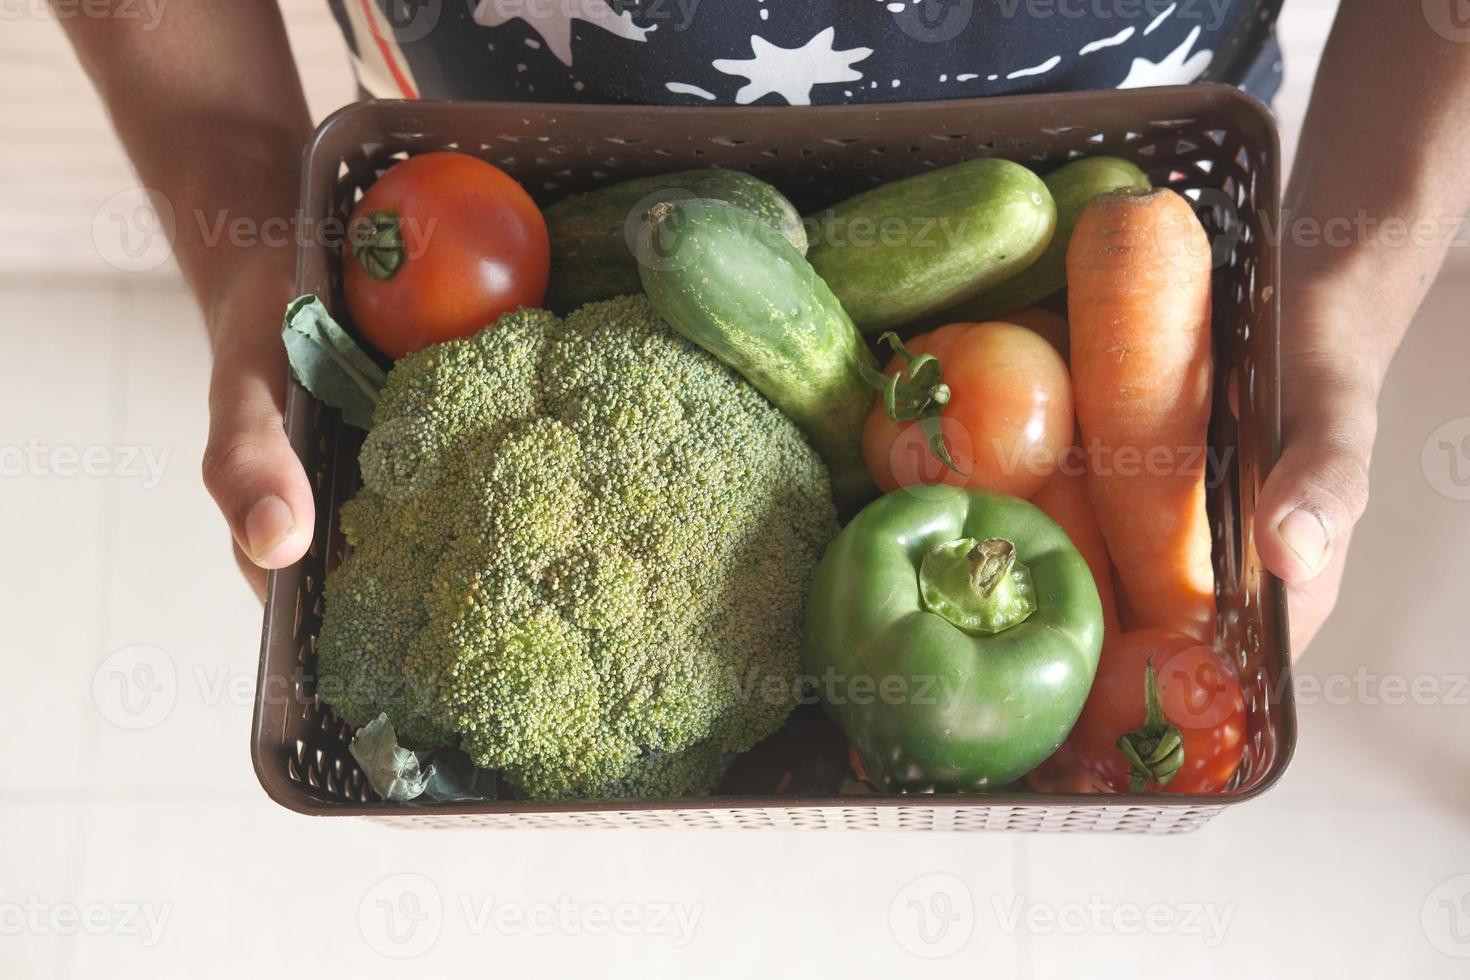 segurando uma cesta de vegetais foto